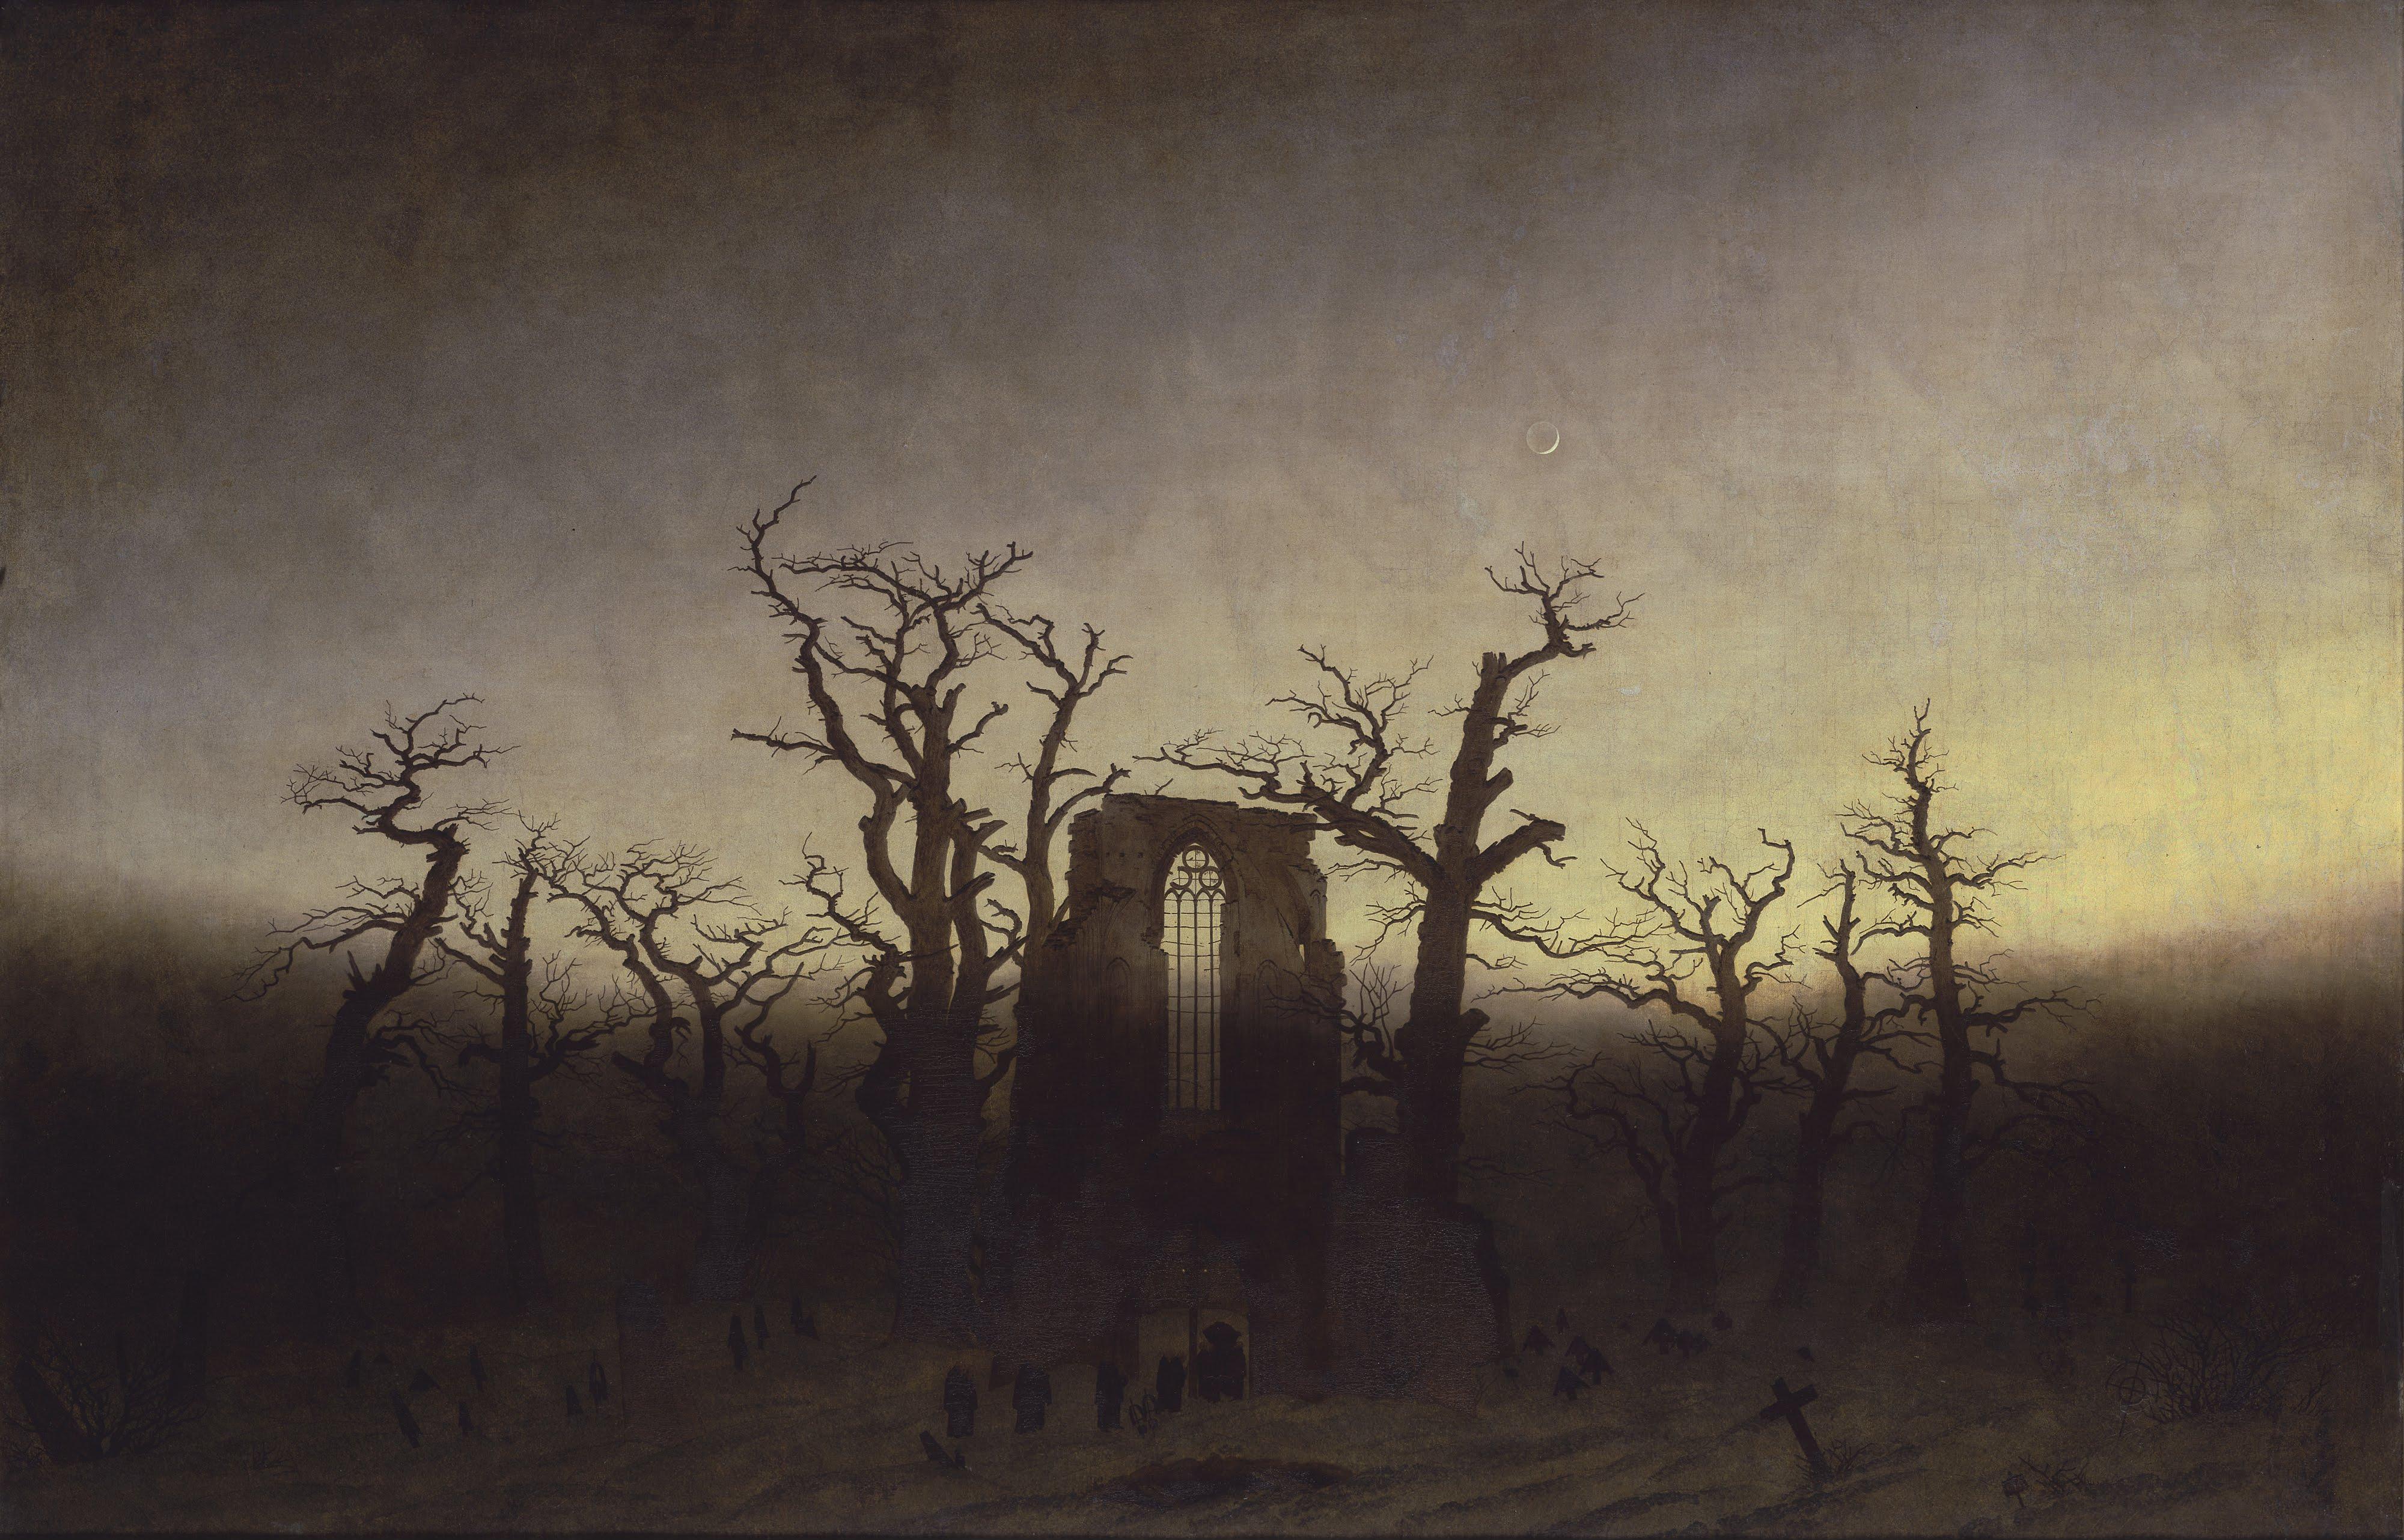 L'abbaye dans une forêt de chênes, Caspar Friedrich, 1810